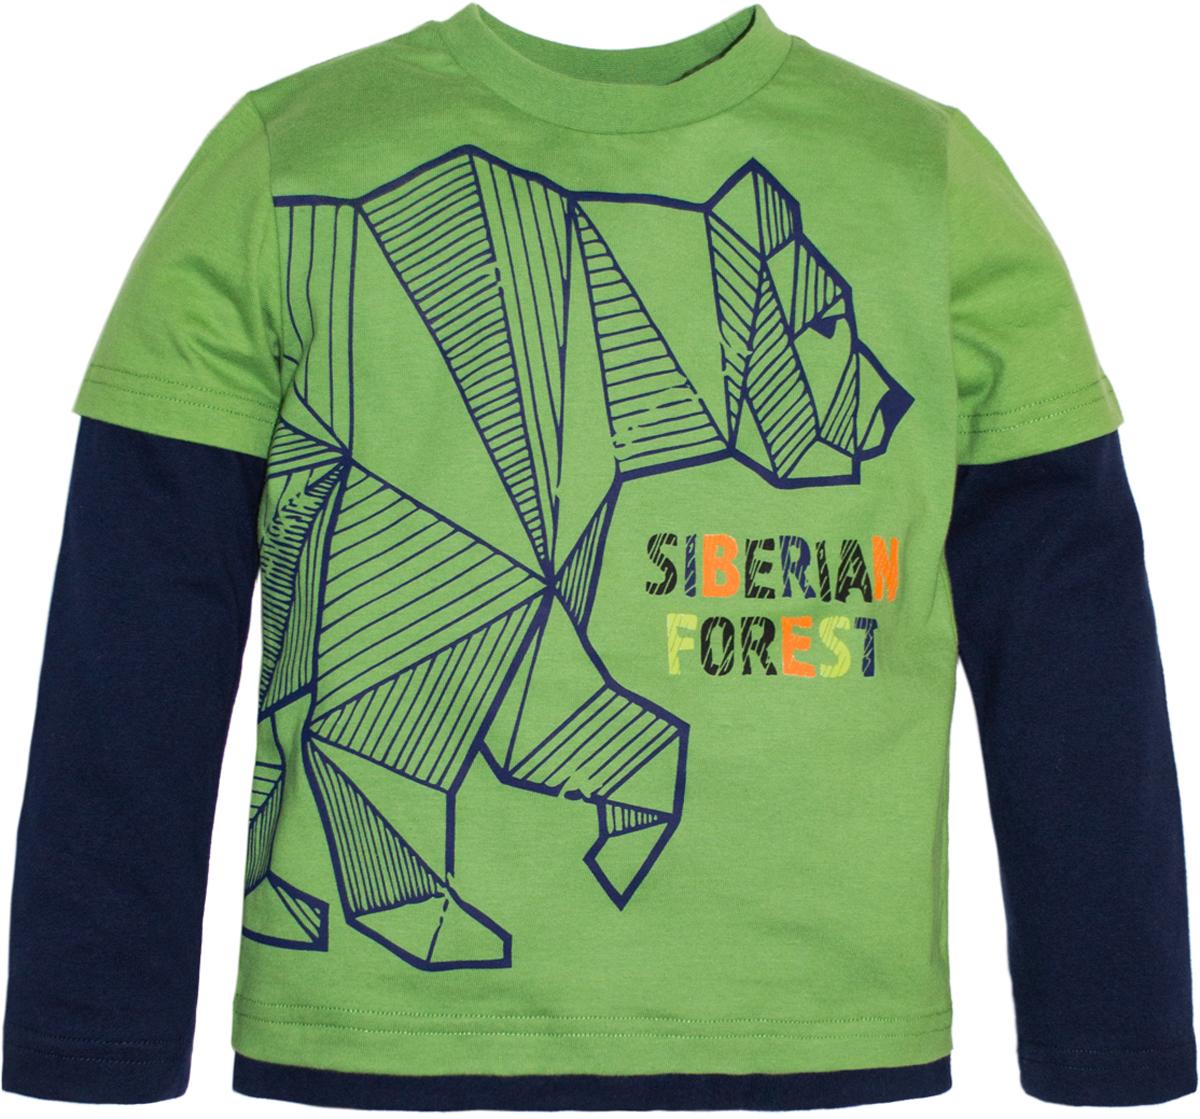 Футболка с длинным рукавом для мальчика Lets Go, цвет: зеленый. 6220. Размер 1226220Стильная футболка с длинным рукавом Lets Go для мальчика выполнена из хлопка. Модель с круглым вырезом горловины и длинными рукавами. Спереди модель оформлена оригинальным принтом.